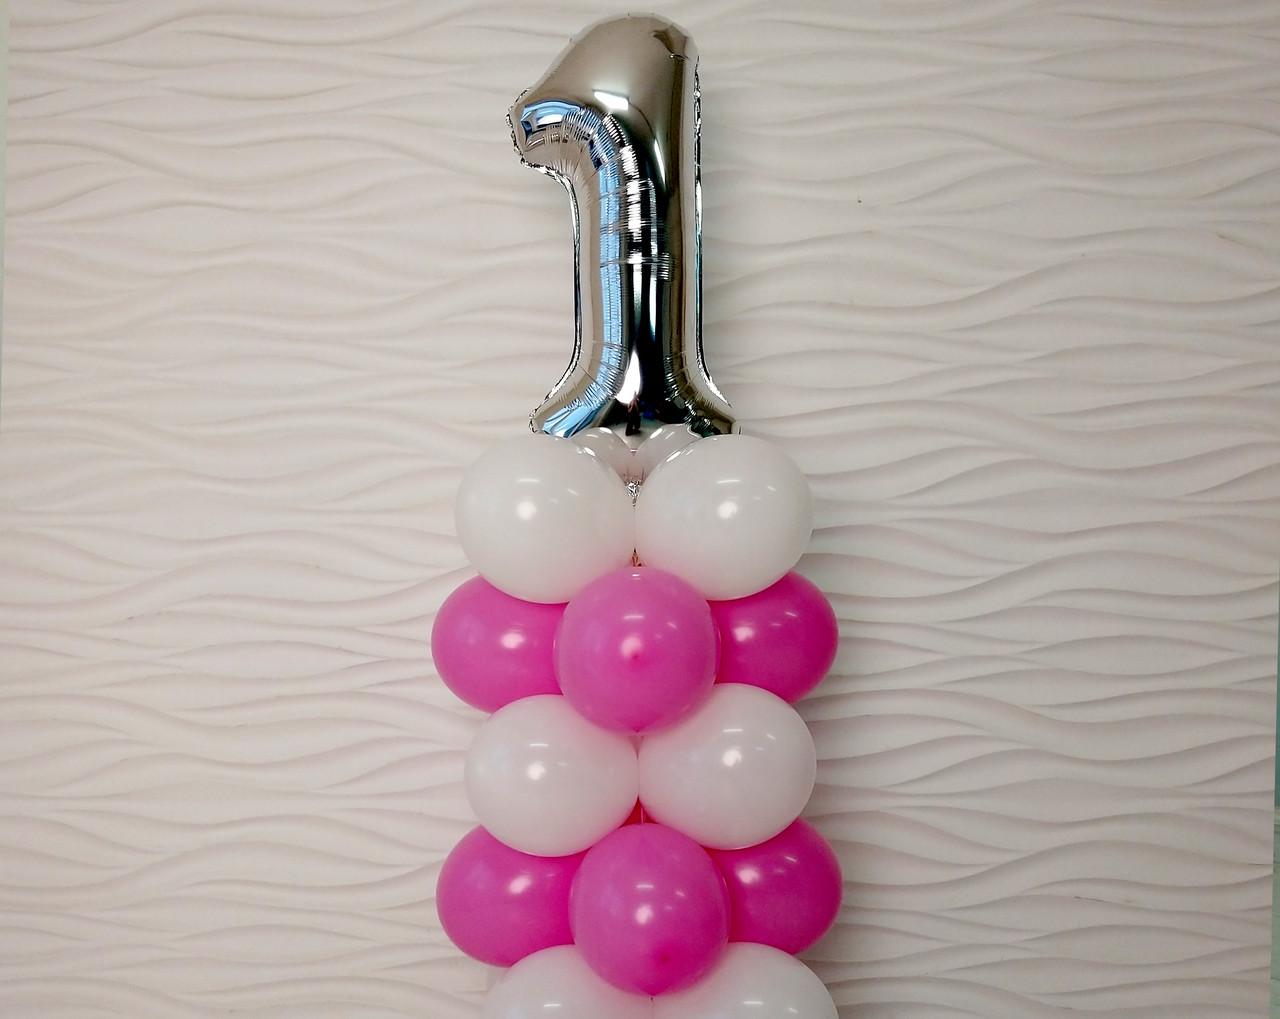 """Композиция с воздушных шариков """"Стойка с цифрой """"1"""" (бело-розовая)"""